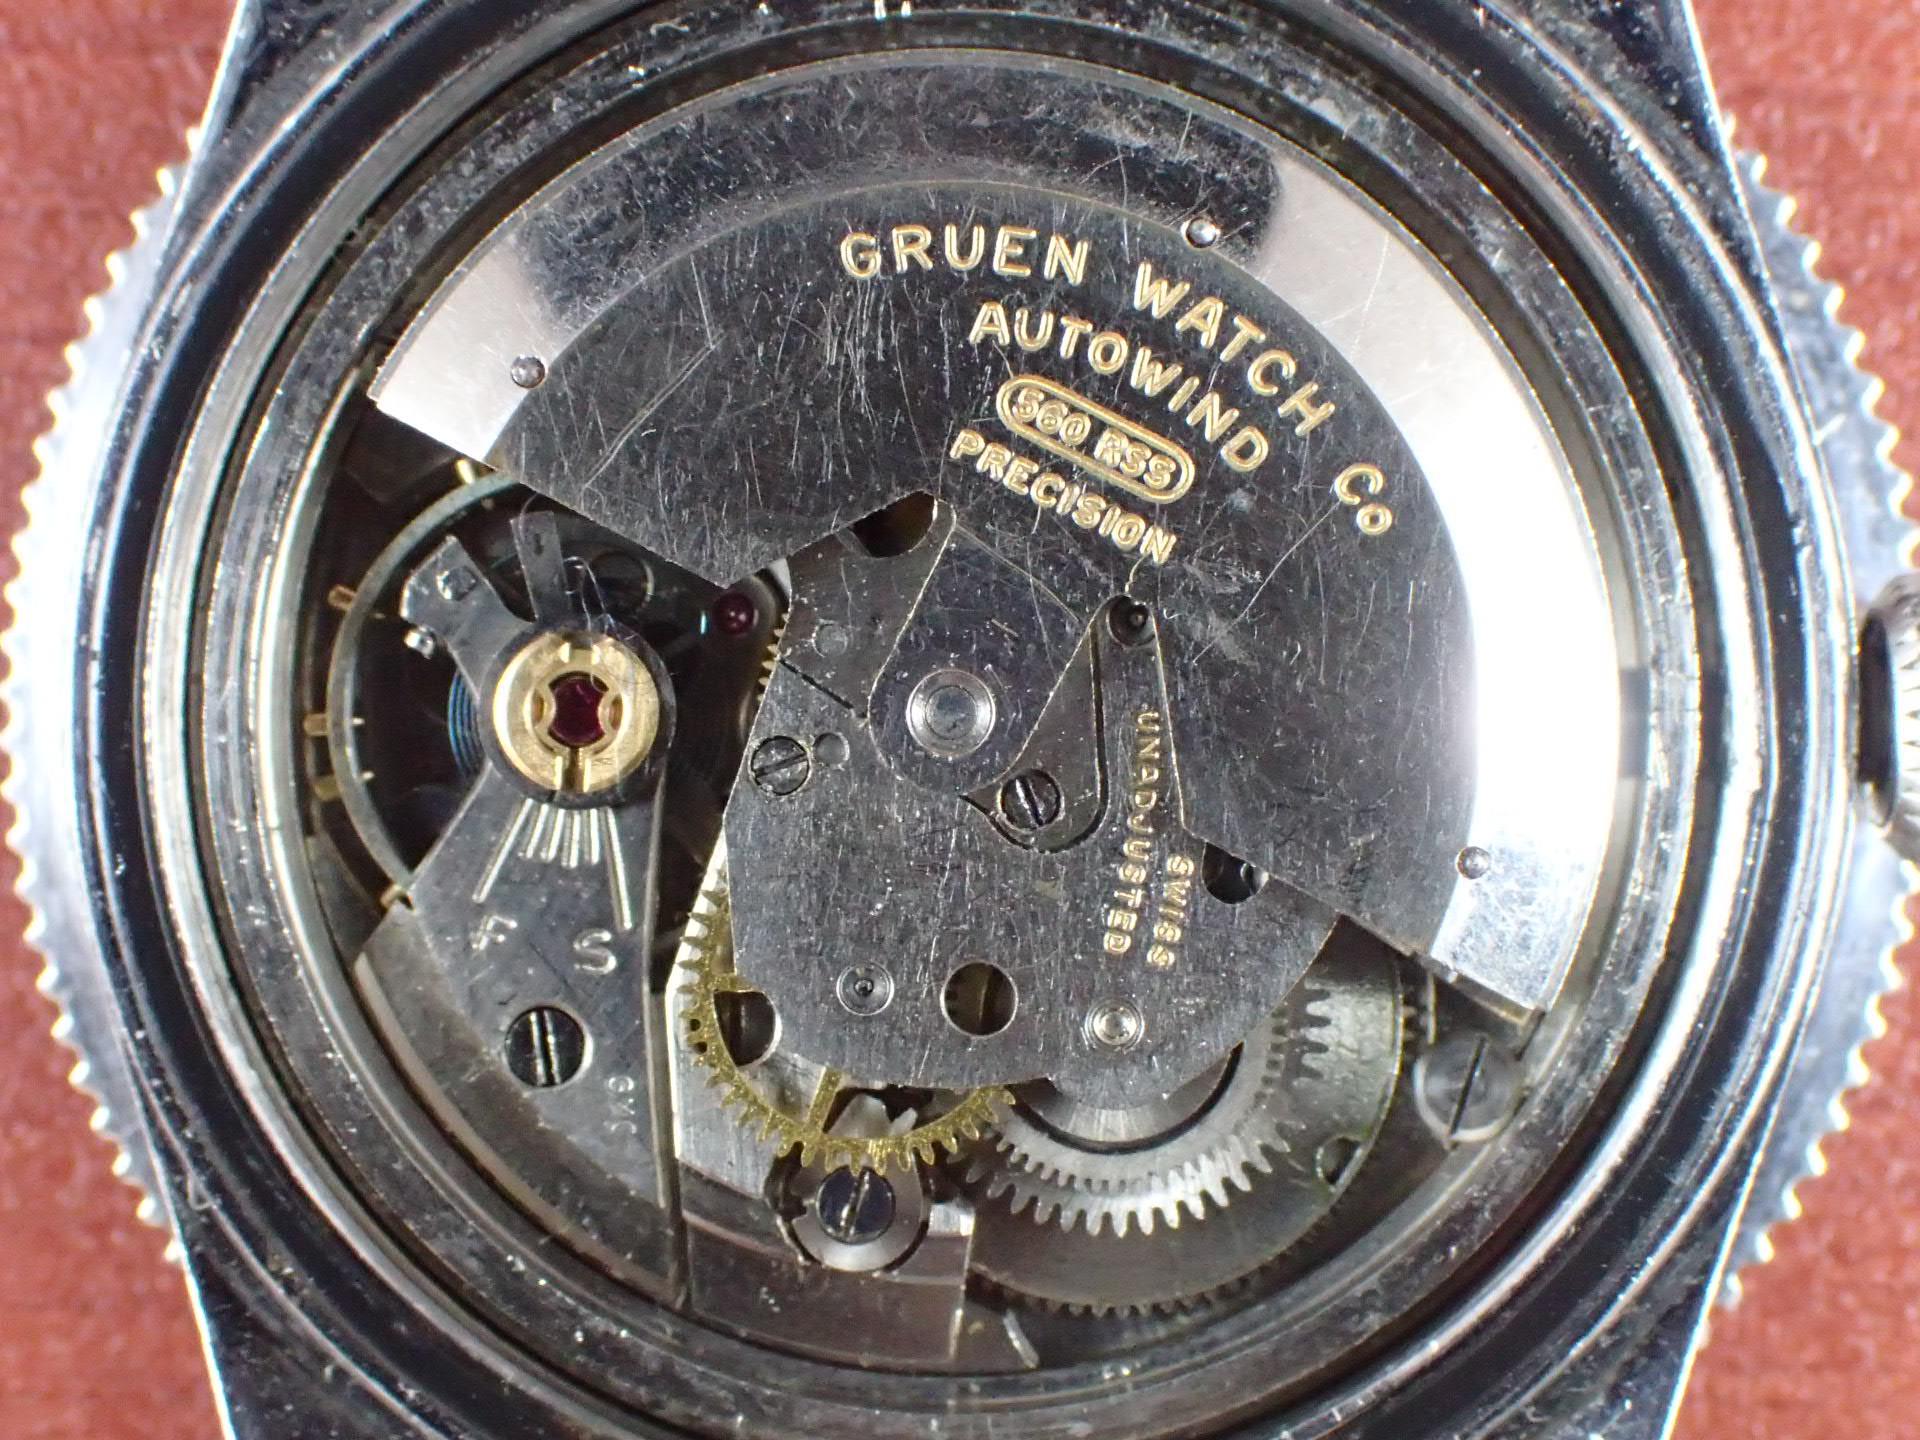 グリュエン オーシャンチーフ ダイバーズウォッチ ブラックミラーDL 1950年代の写真5枚目